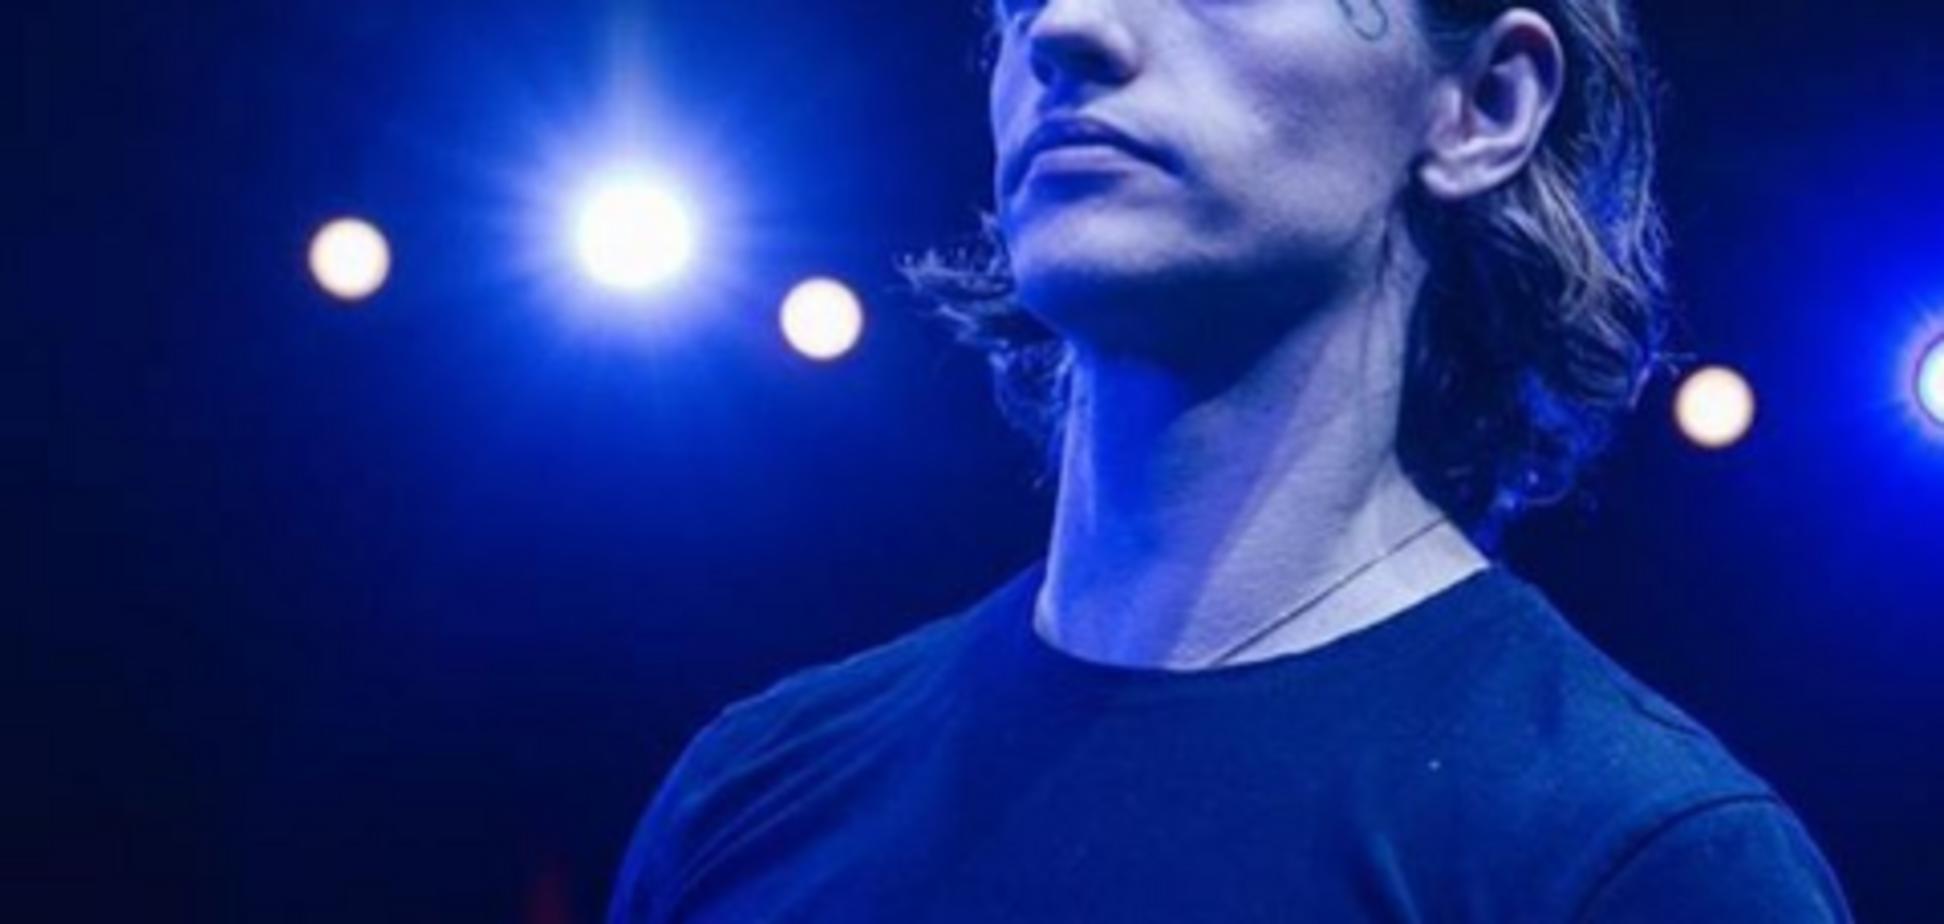 ''Молюсь за вас и восхищаюсь'': украинский танцор Полунин пригрозил отомстить за ''Беркут''